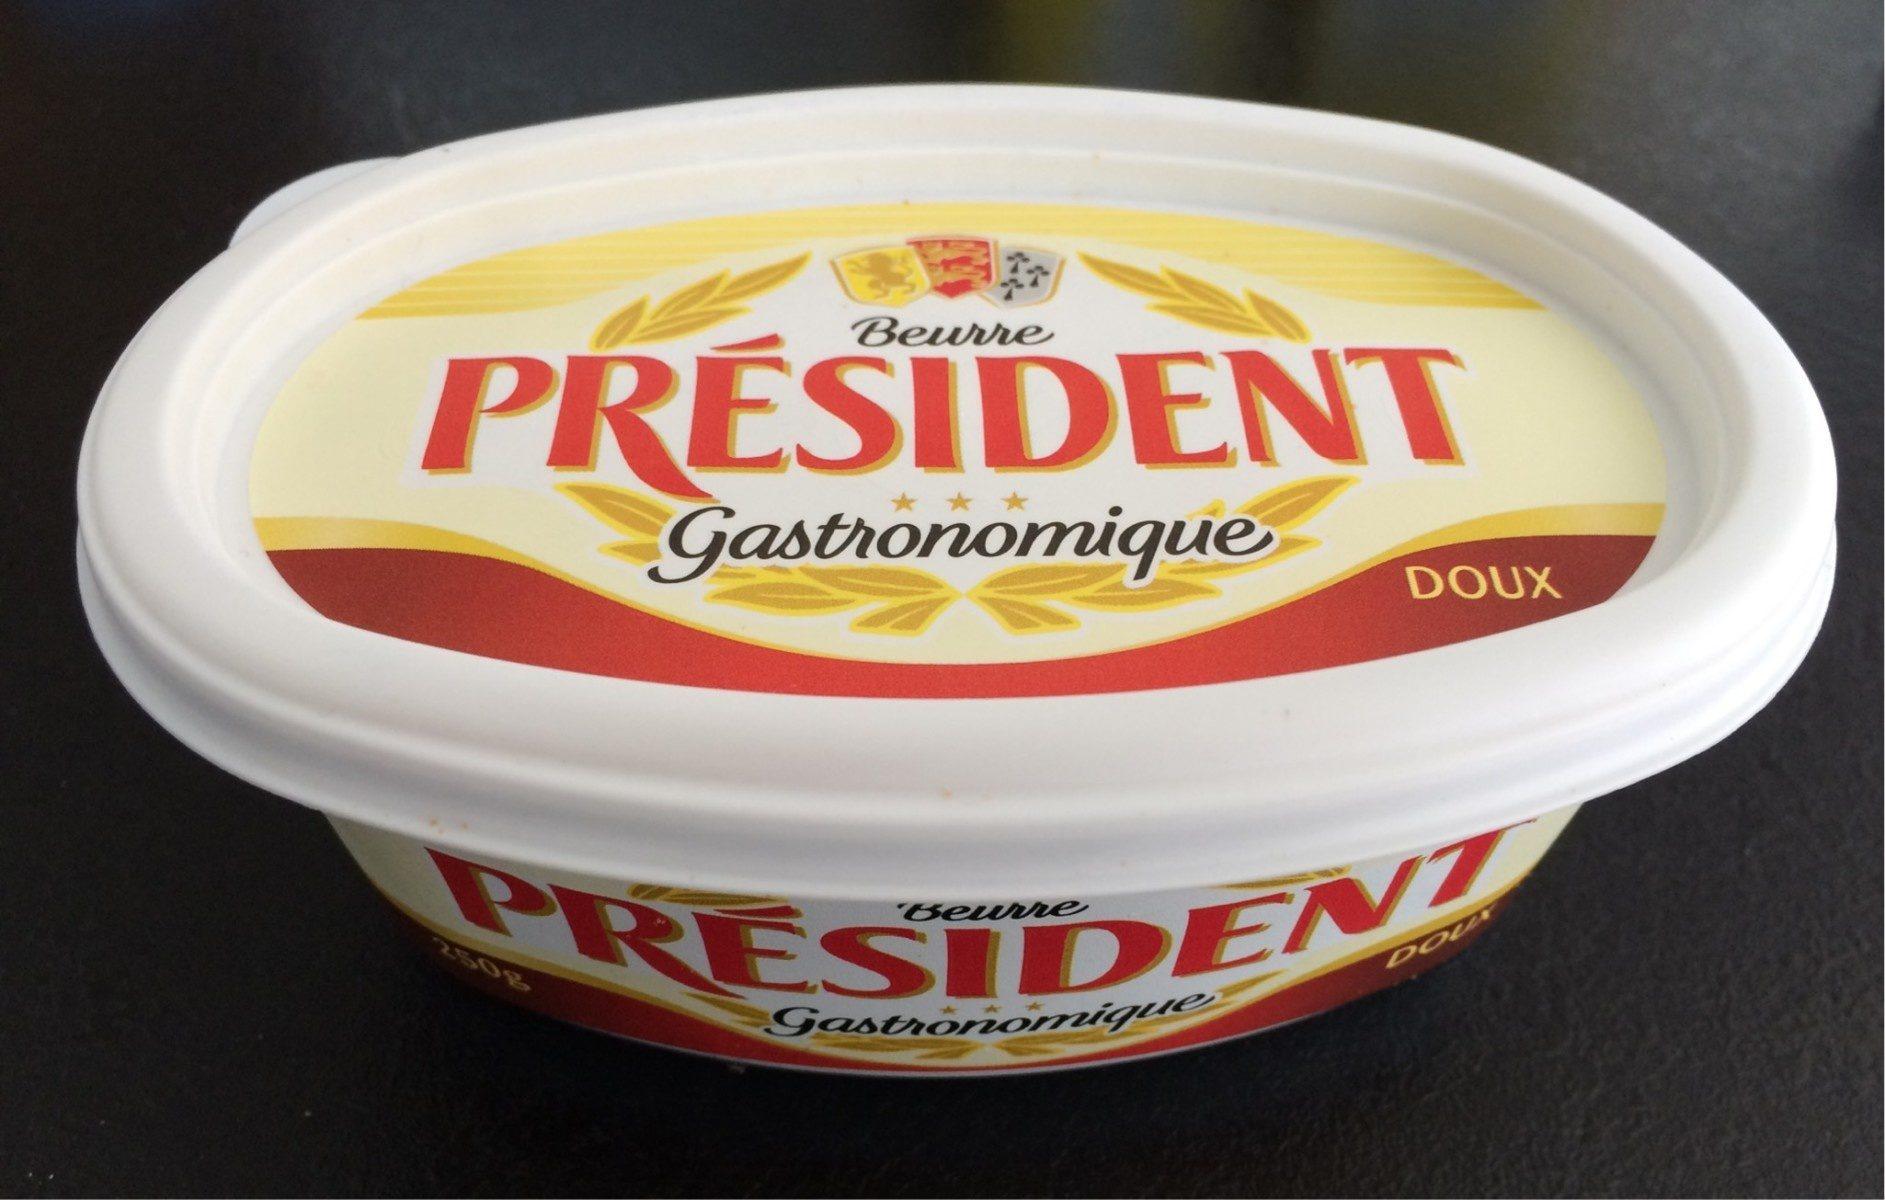 Beurre gastronomique doux - Product - fr